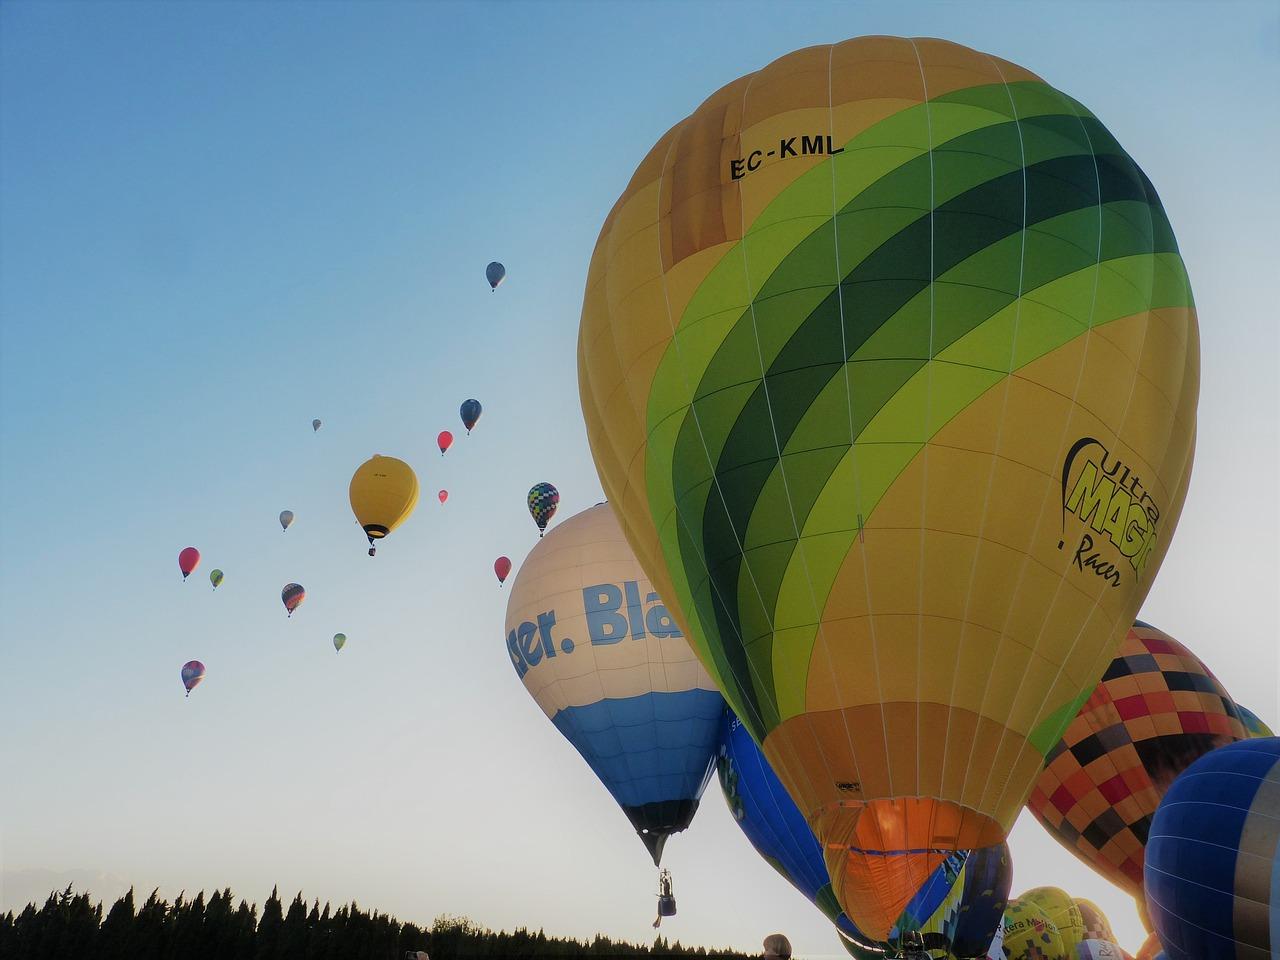 воздушные шары для путешествий картинки что если